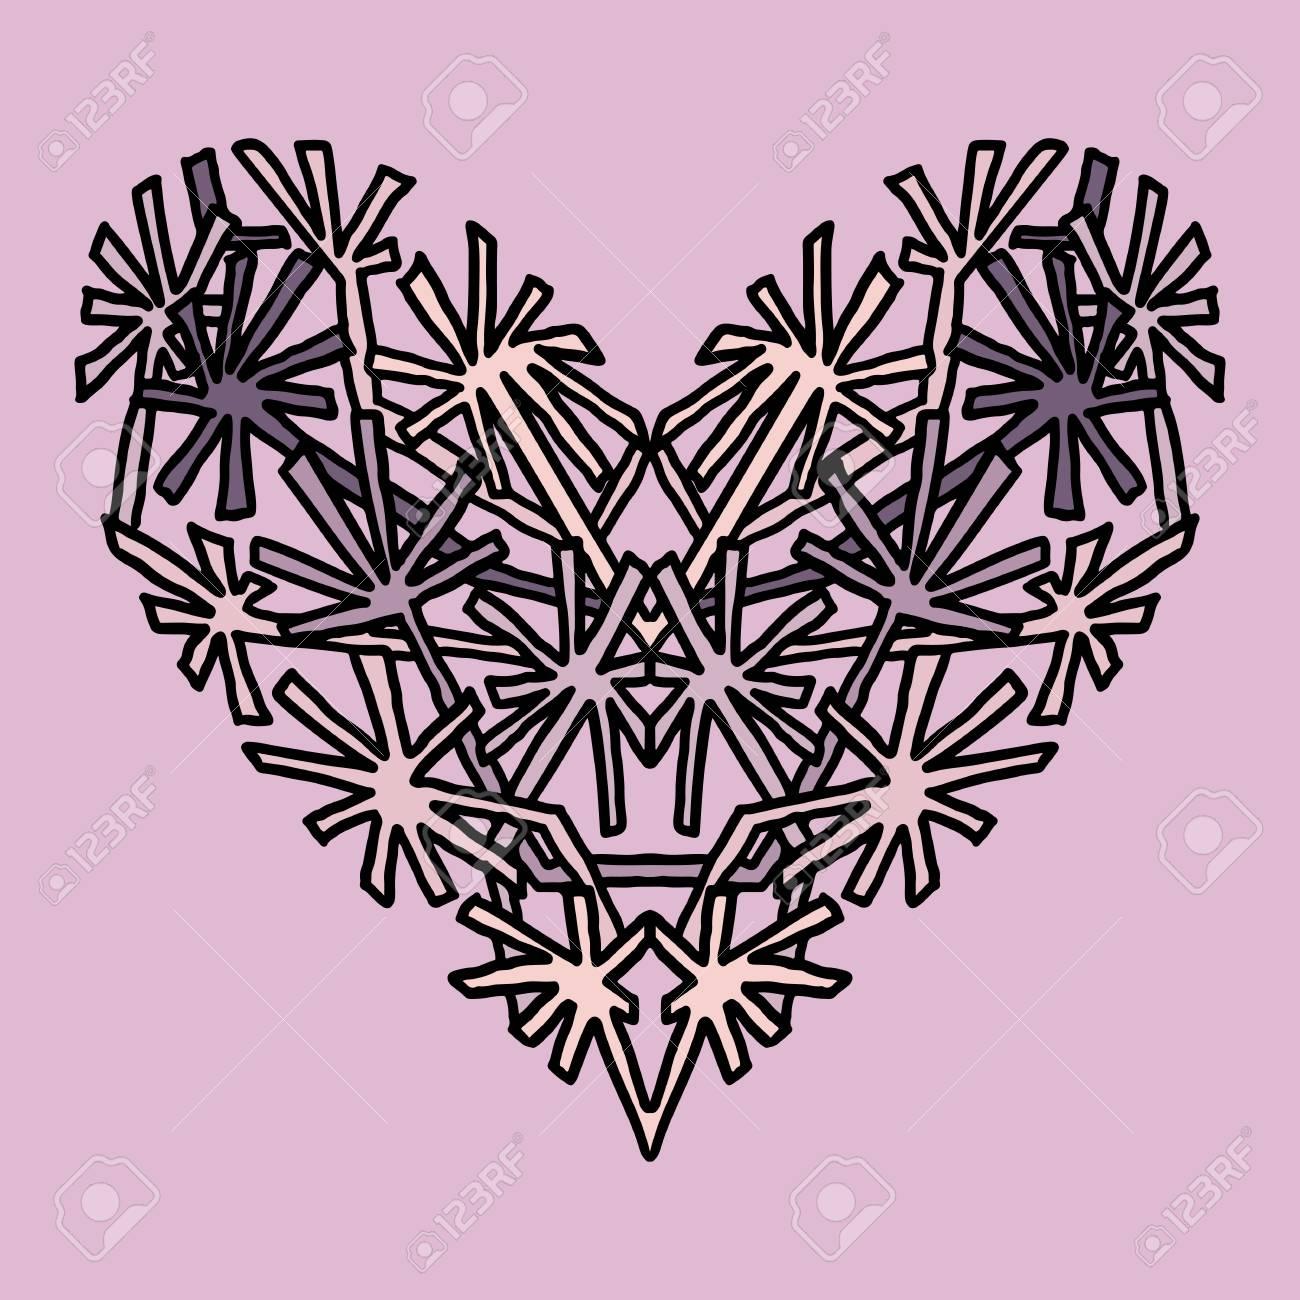 Corazón Dibujado A Mano. Diseño De Estilo Mandala Para Tarjetas De ...